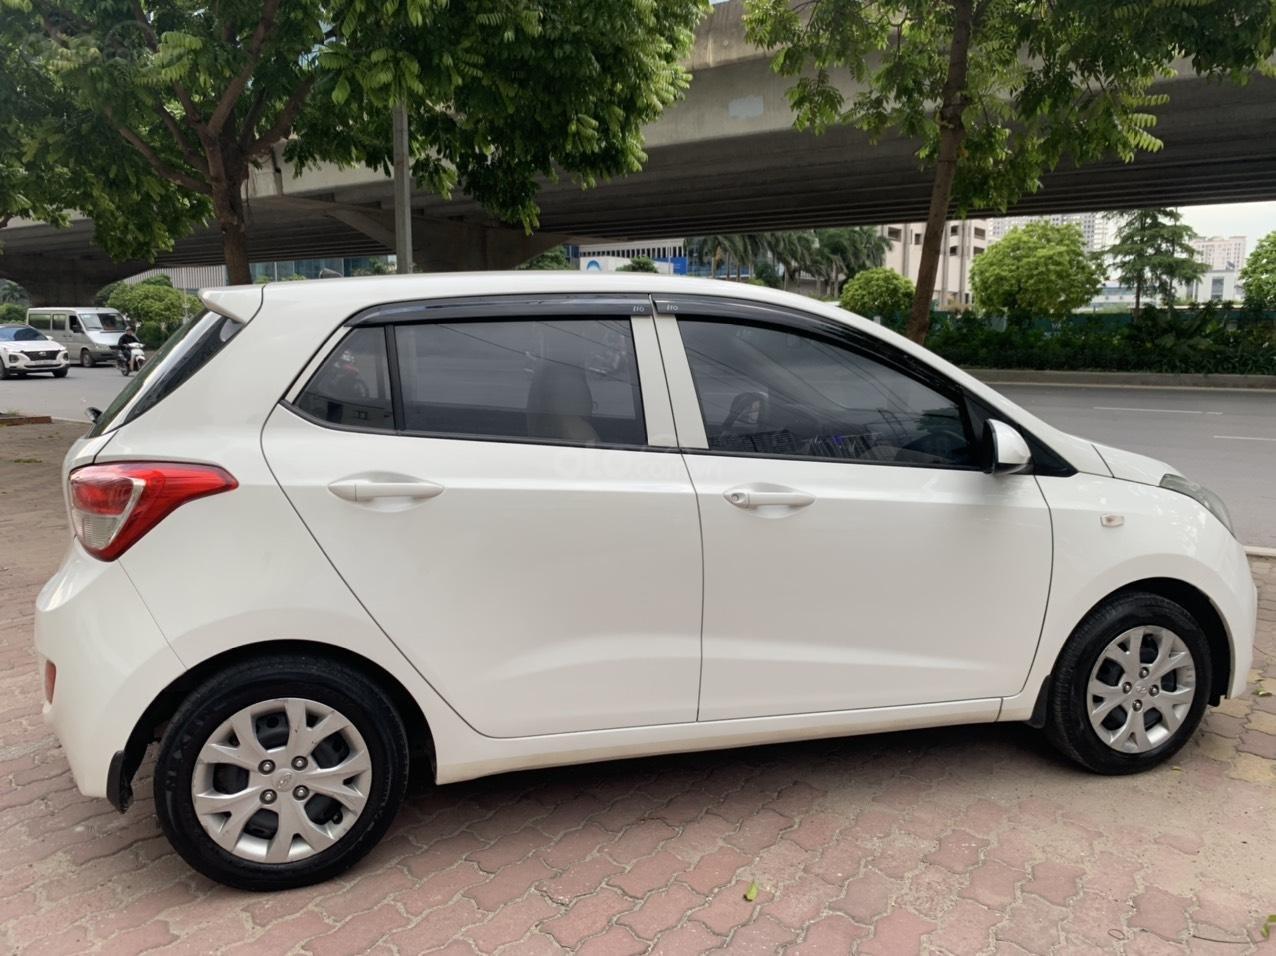 Cần bán xe Hyundai Grand i10 MT 1.0, sản xuất năm 2016 (3)